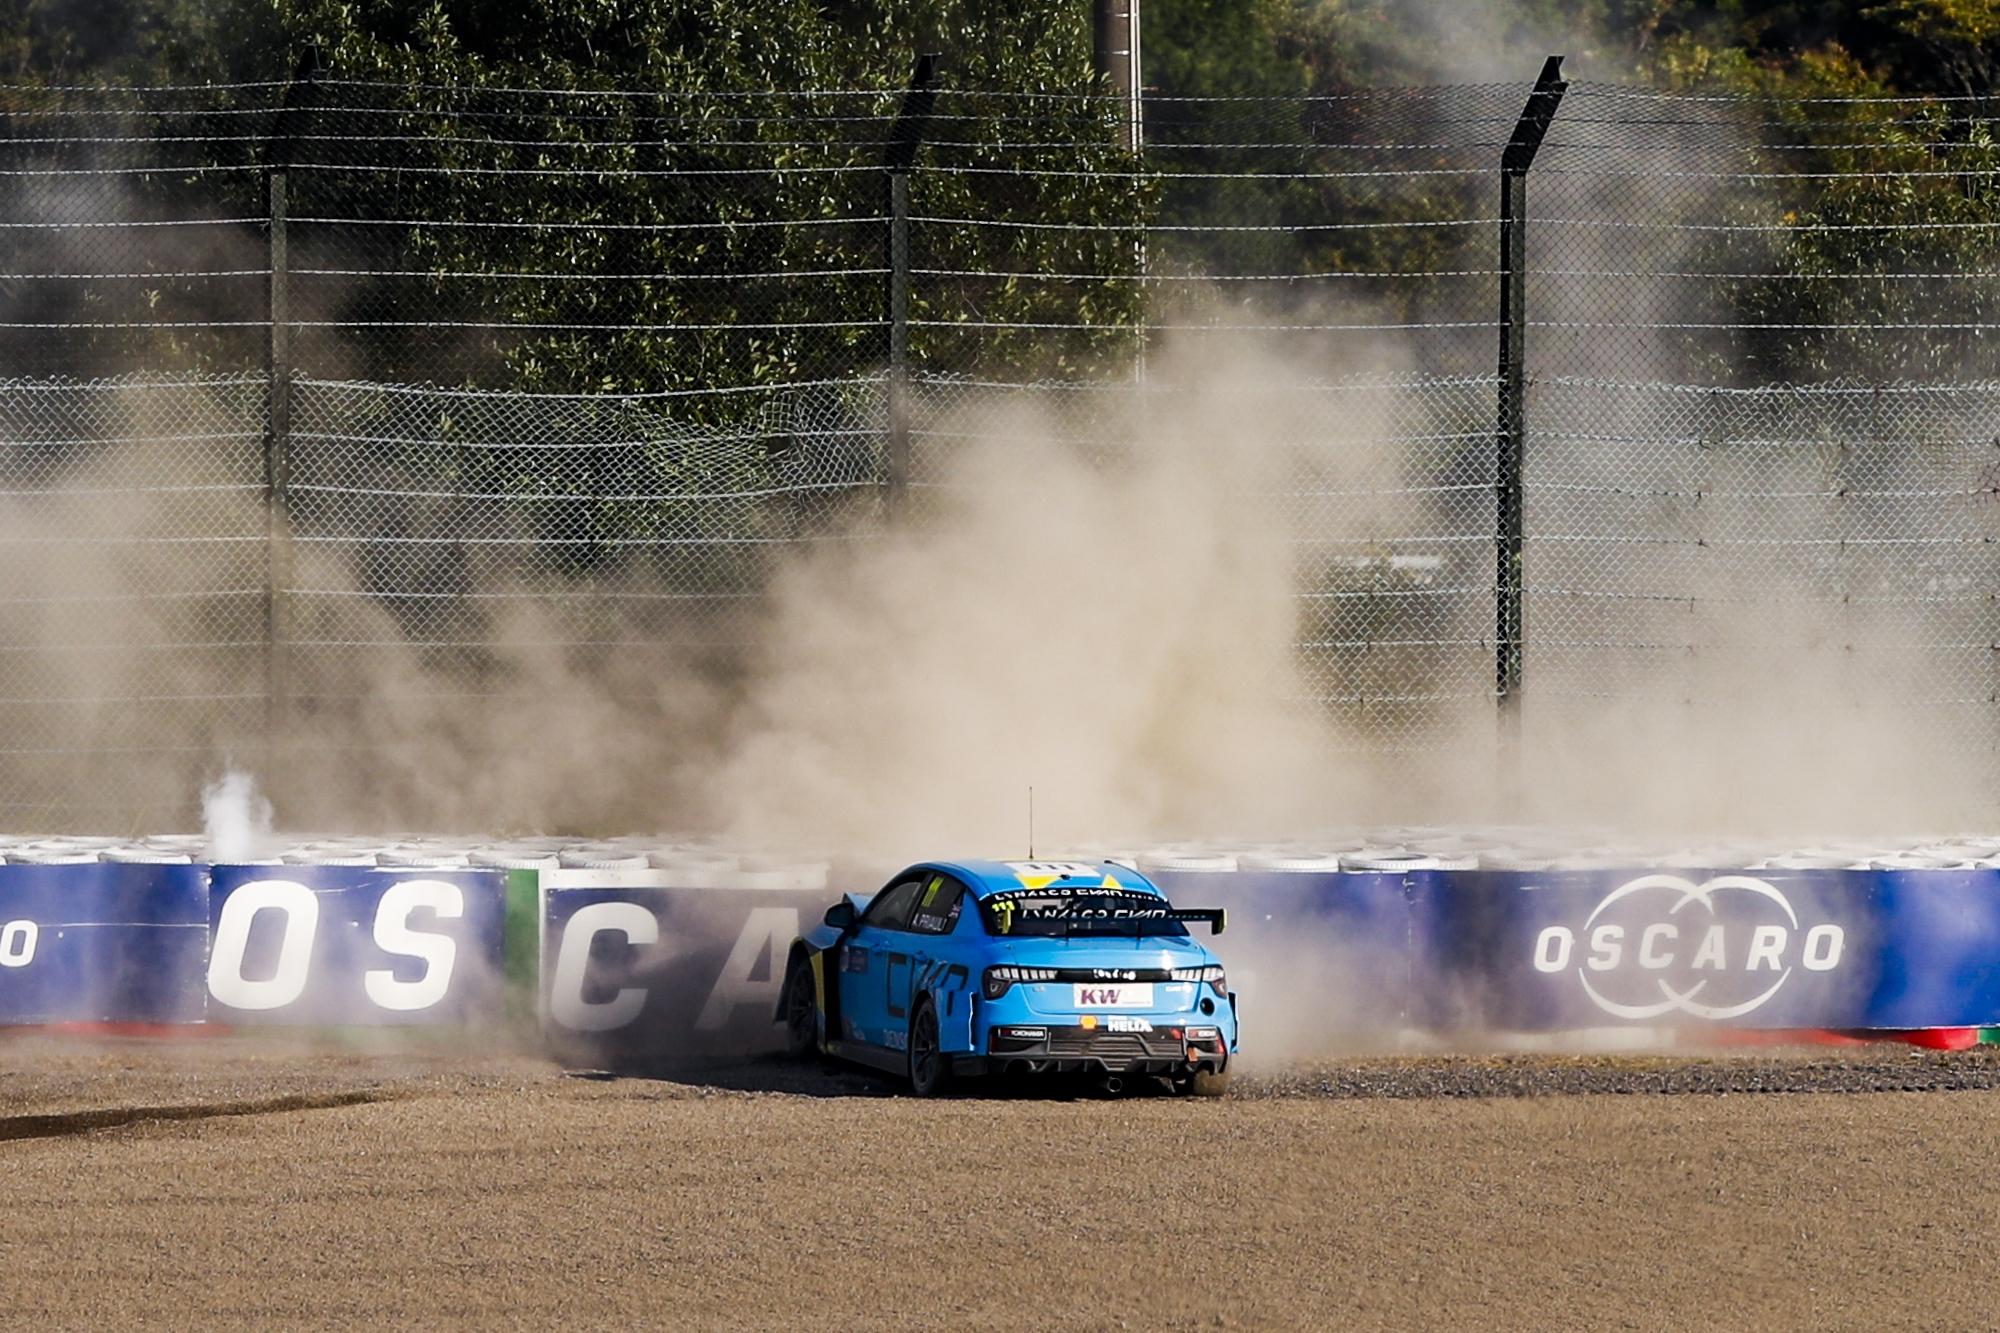 WTCR: Egymást hibáztatja Priaulx és Catsburg, döntött az FIA is